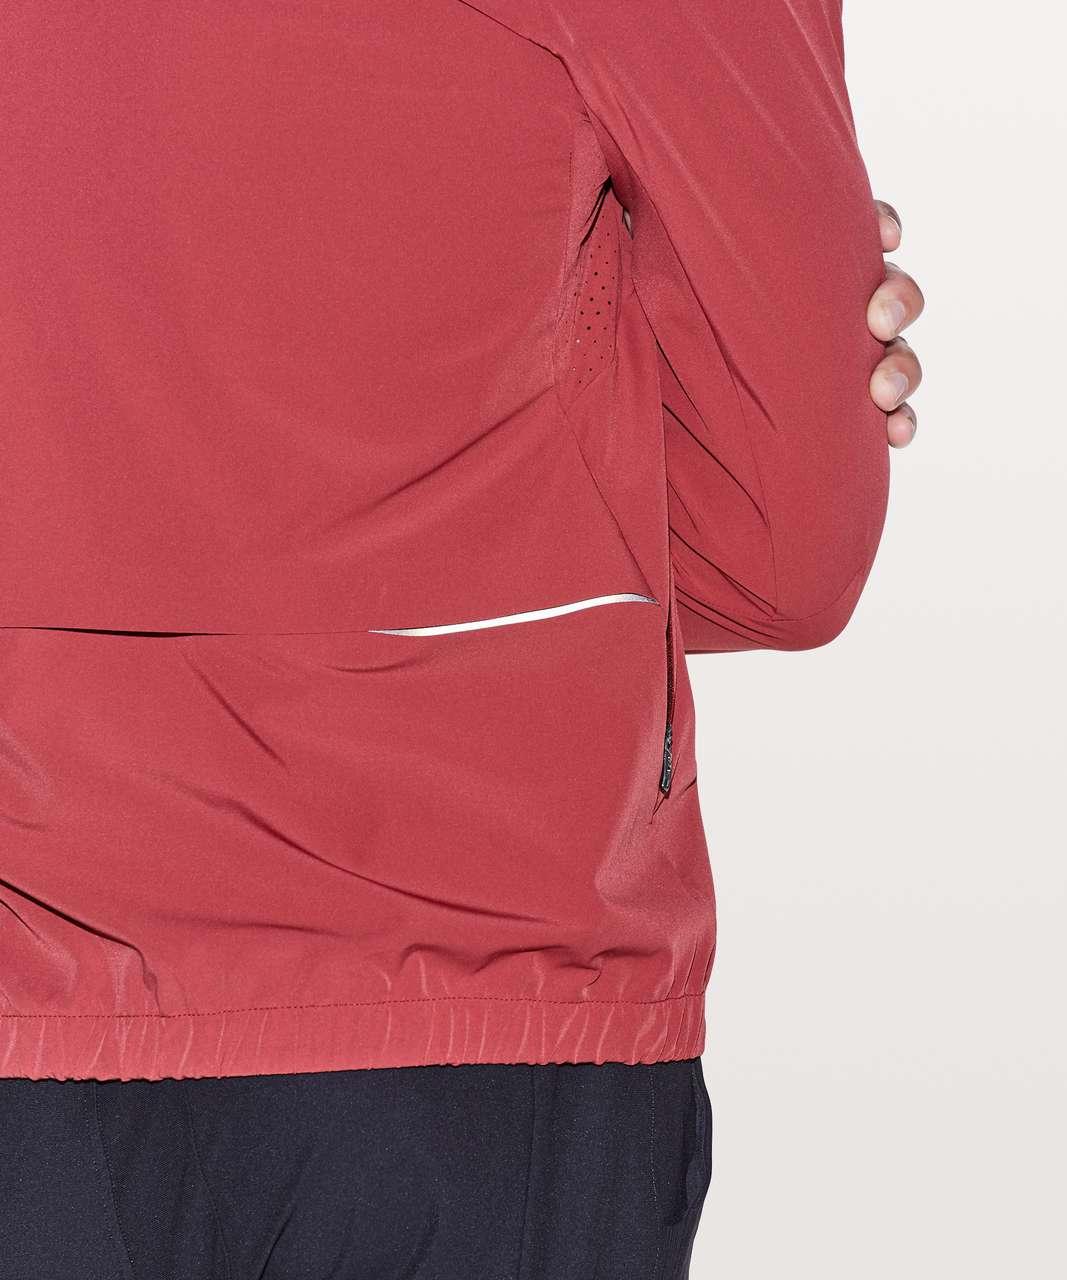 Lululemon Coaches Jacket - Oxblood